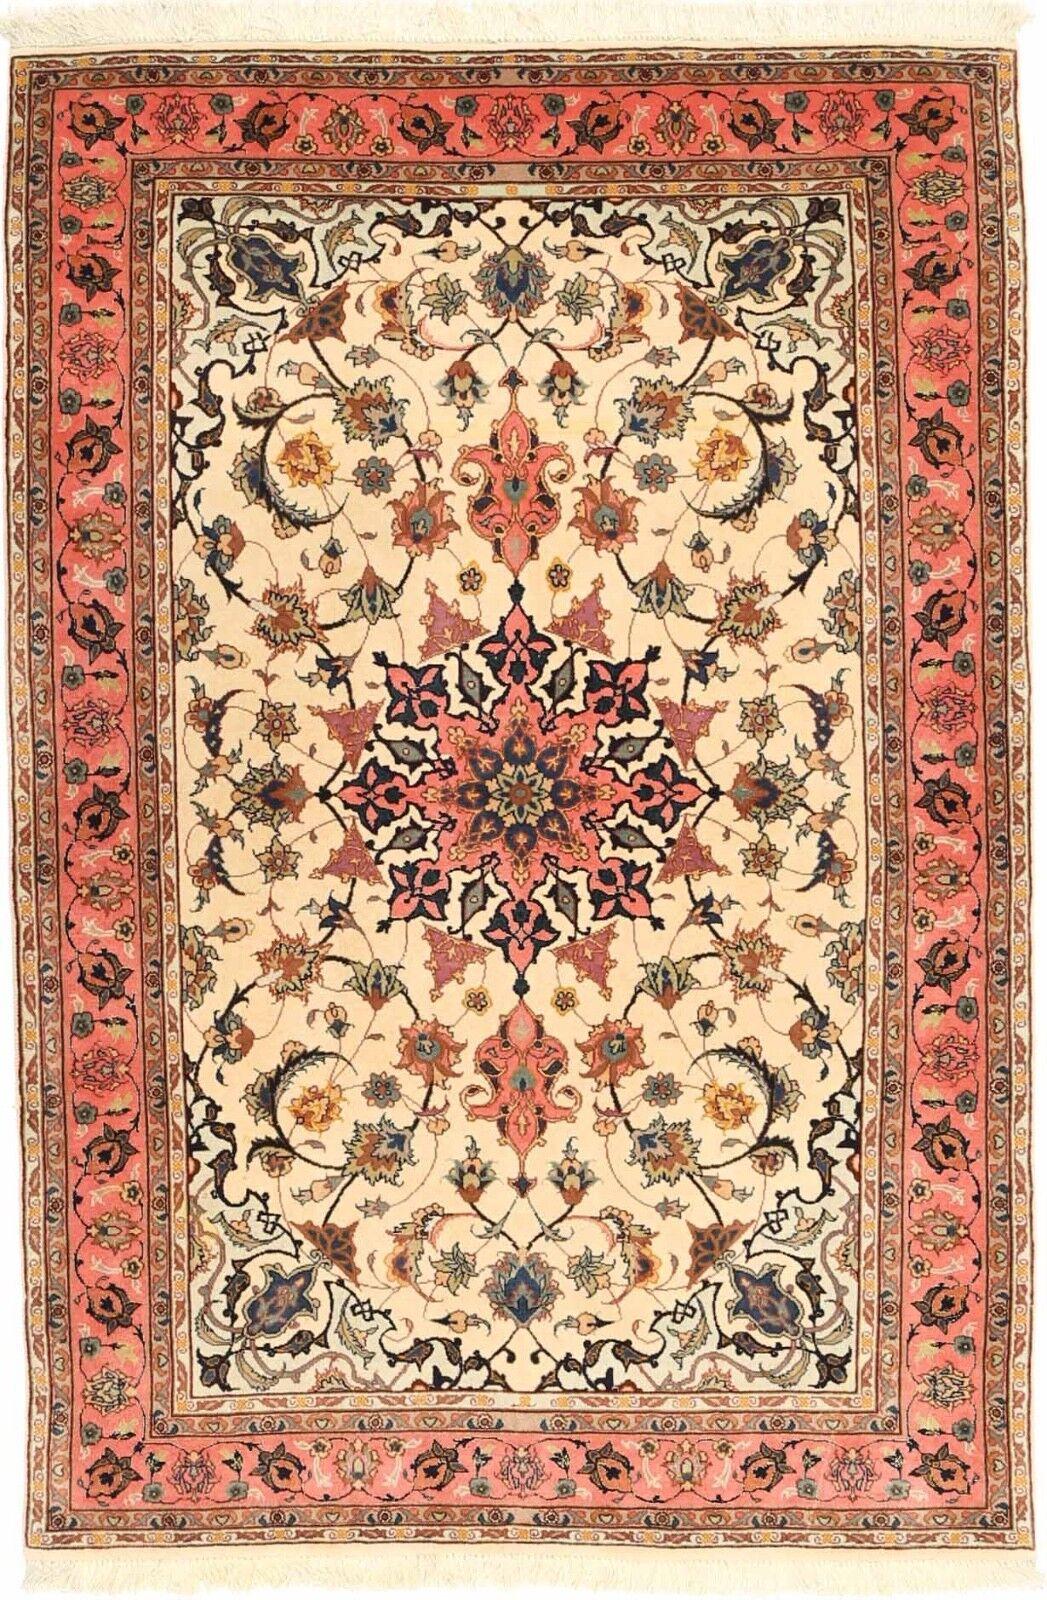 Persiano Annodato a Mano Tappeto Tabriz 50 Rossi 158 cm x 102 cm Nr.203091